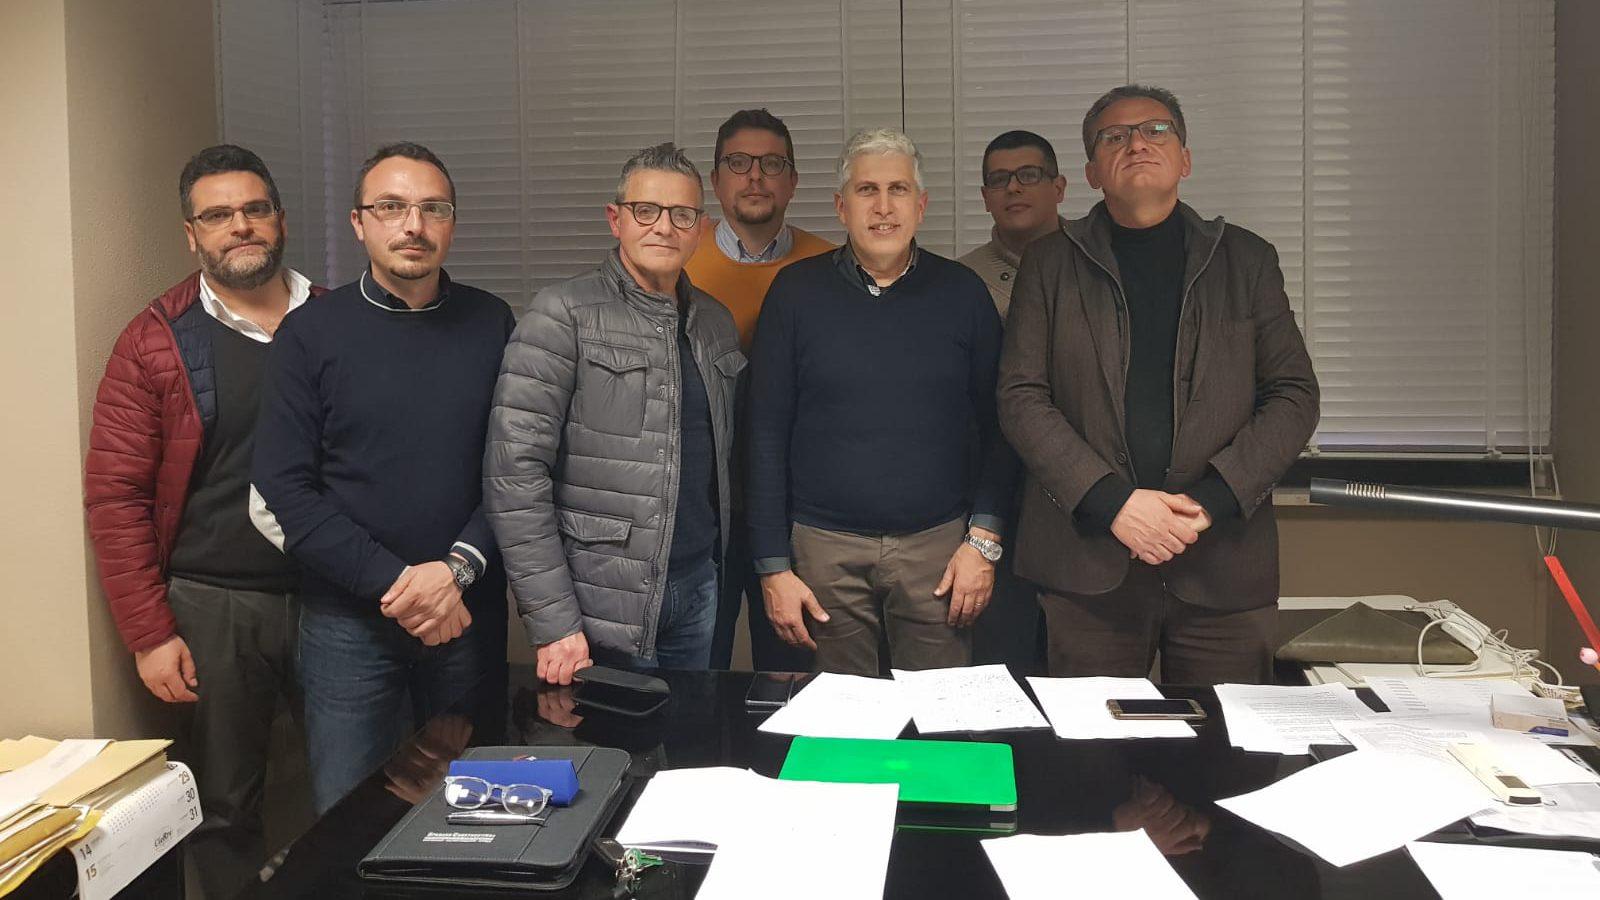 Ragusa – Incontro fra ordini professionali per far chiarezza su autorizzazioni e permessi